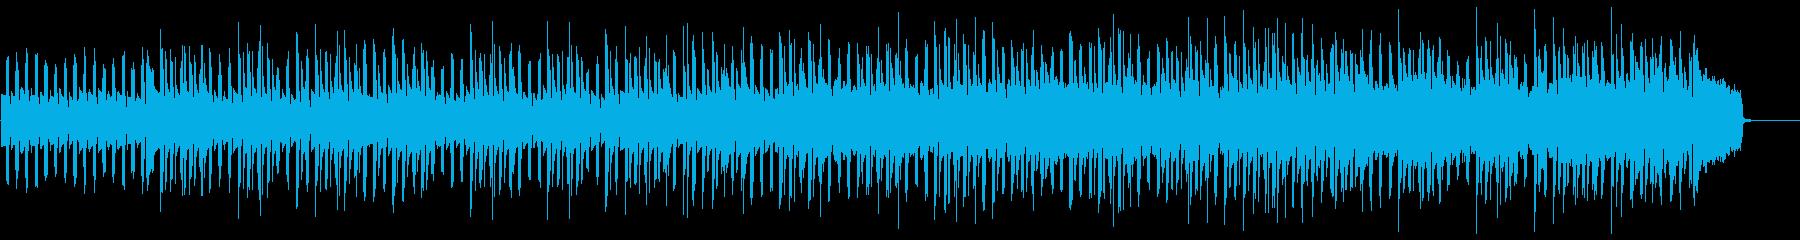 【リズム抜き】ほのぼのした鍵盤ハーモニカの再生済みの波形